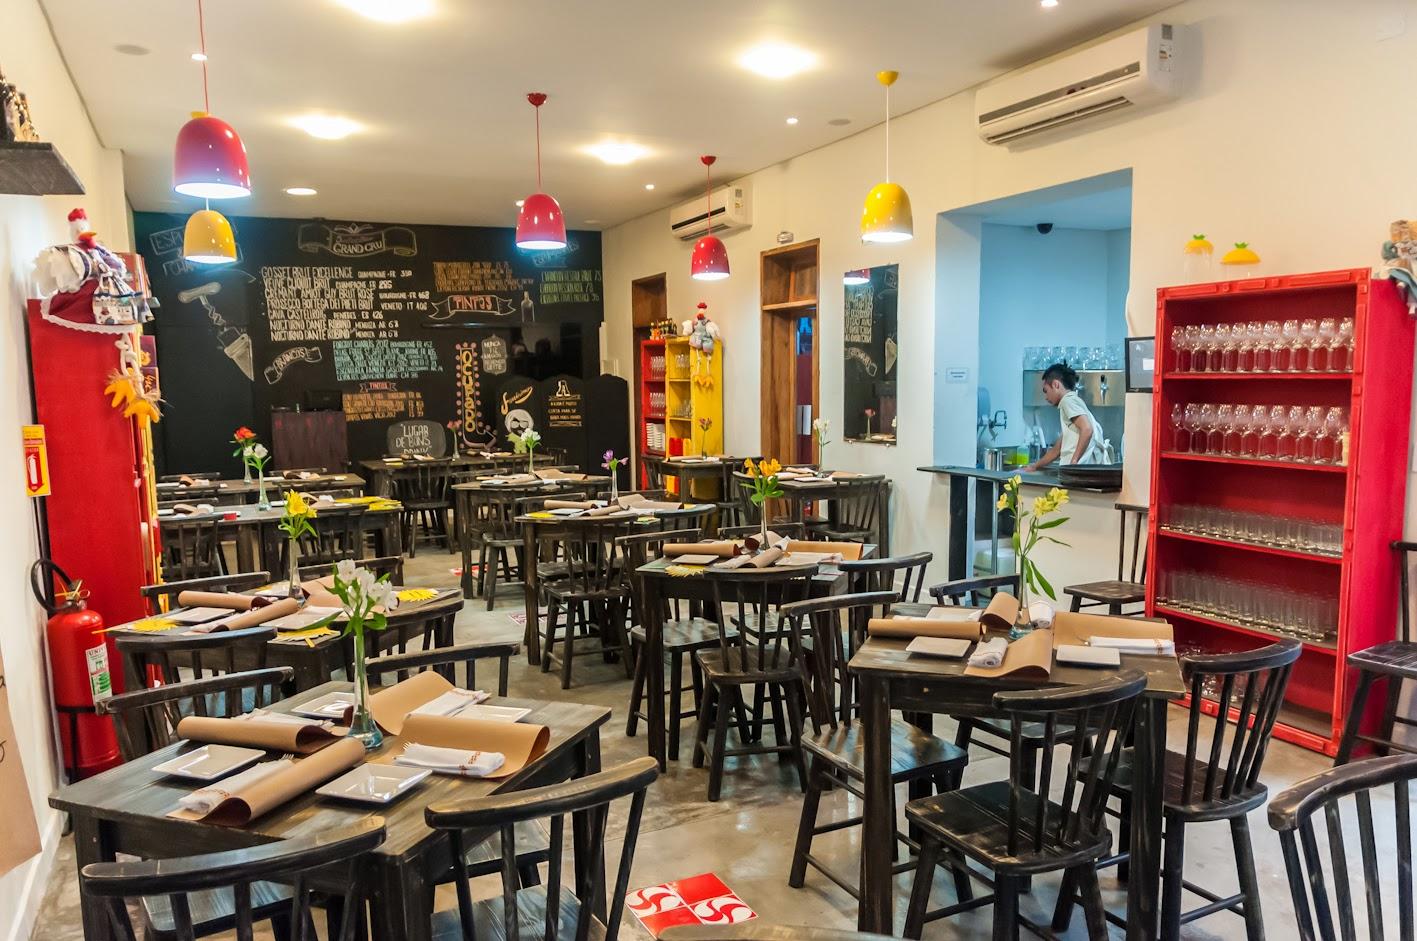 Dona Doida Restobar 4 S Brasserie Cozinha Caipira Contempor Nea